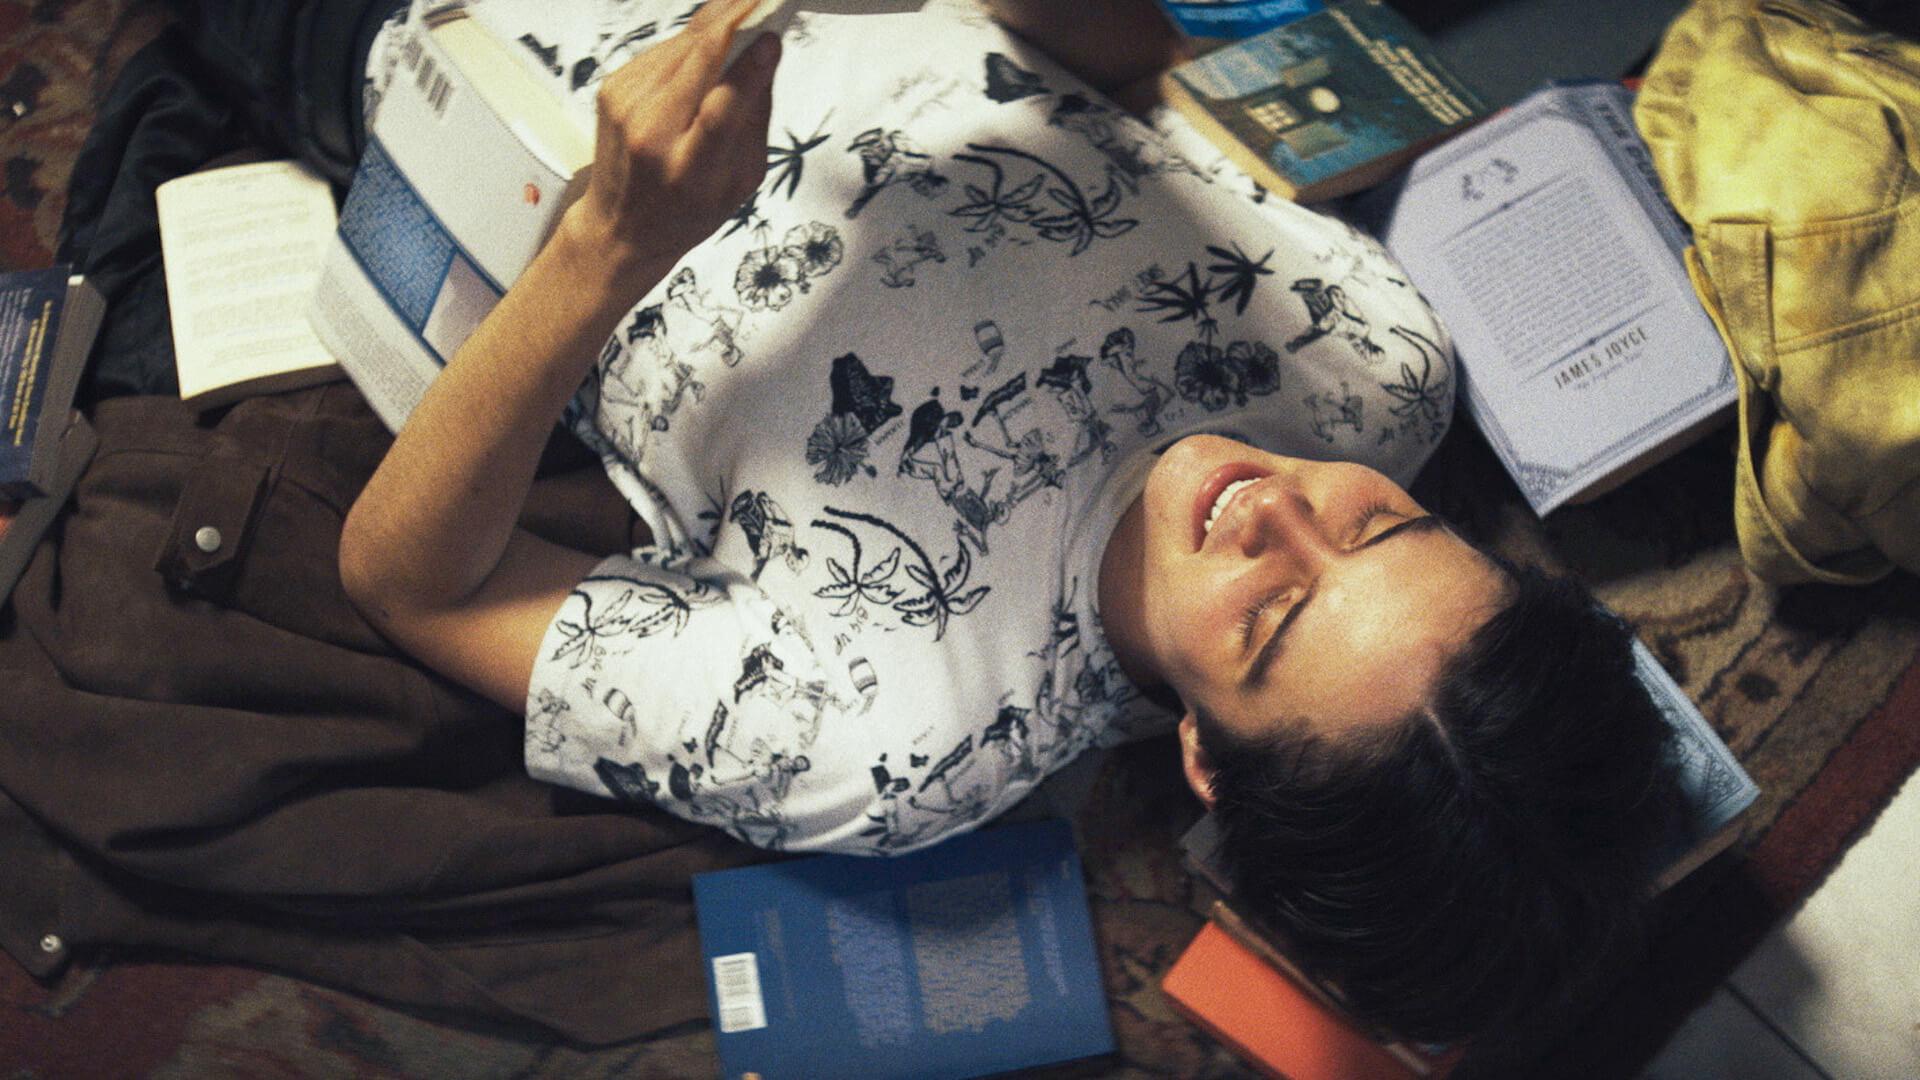 妄想スリラー『ダニエル』のサイケデリックな魅力の制作秘話を監督が語る!アダム・エジプト・モーティマーのコメント&新場面写真が到着 film210127_daniel_7